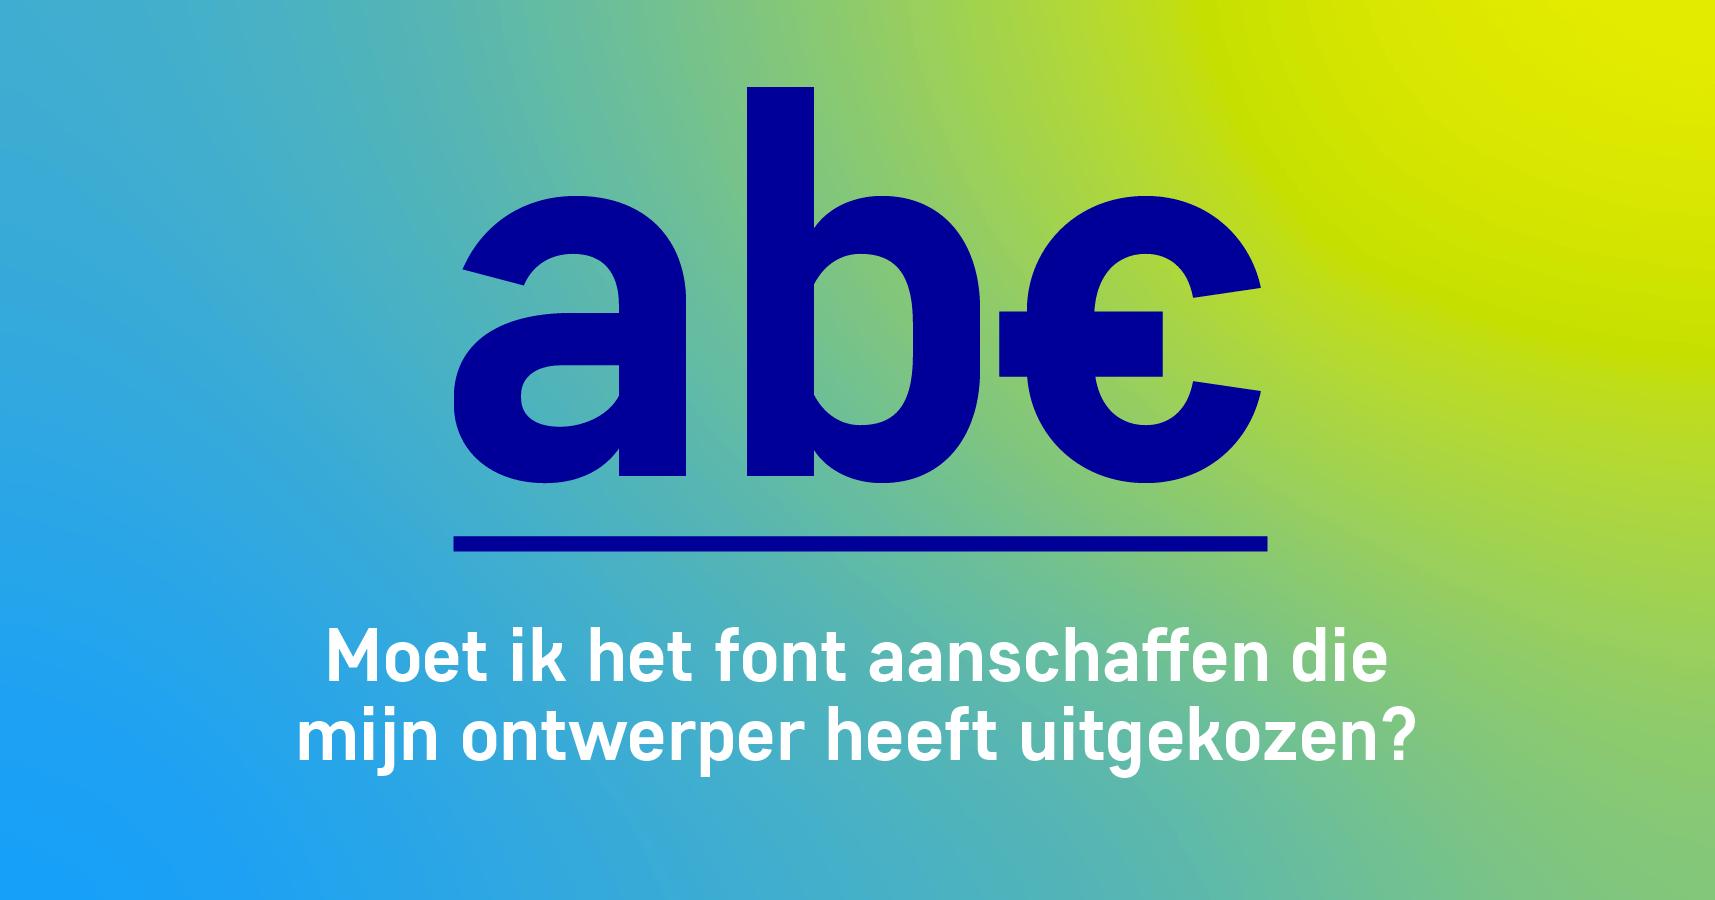 Moet ik het font aanschaffen die mijn grafisch ontwerper heeft uitgekozen?